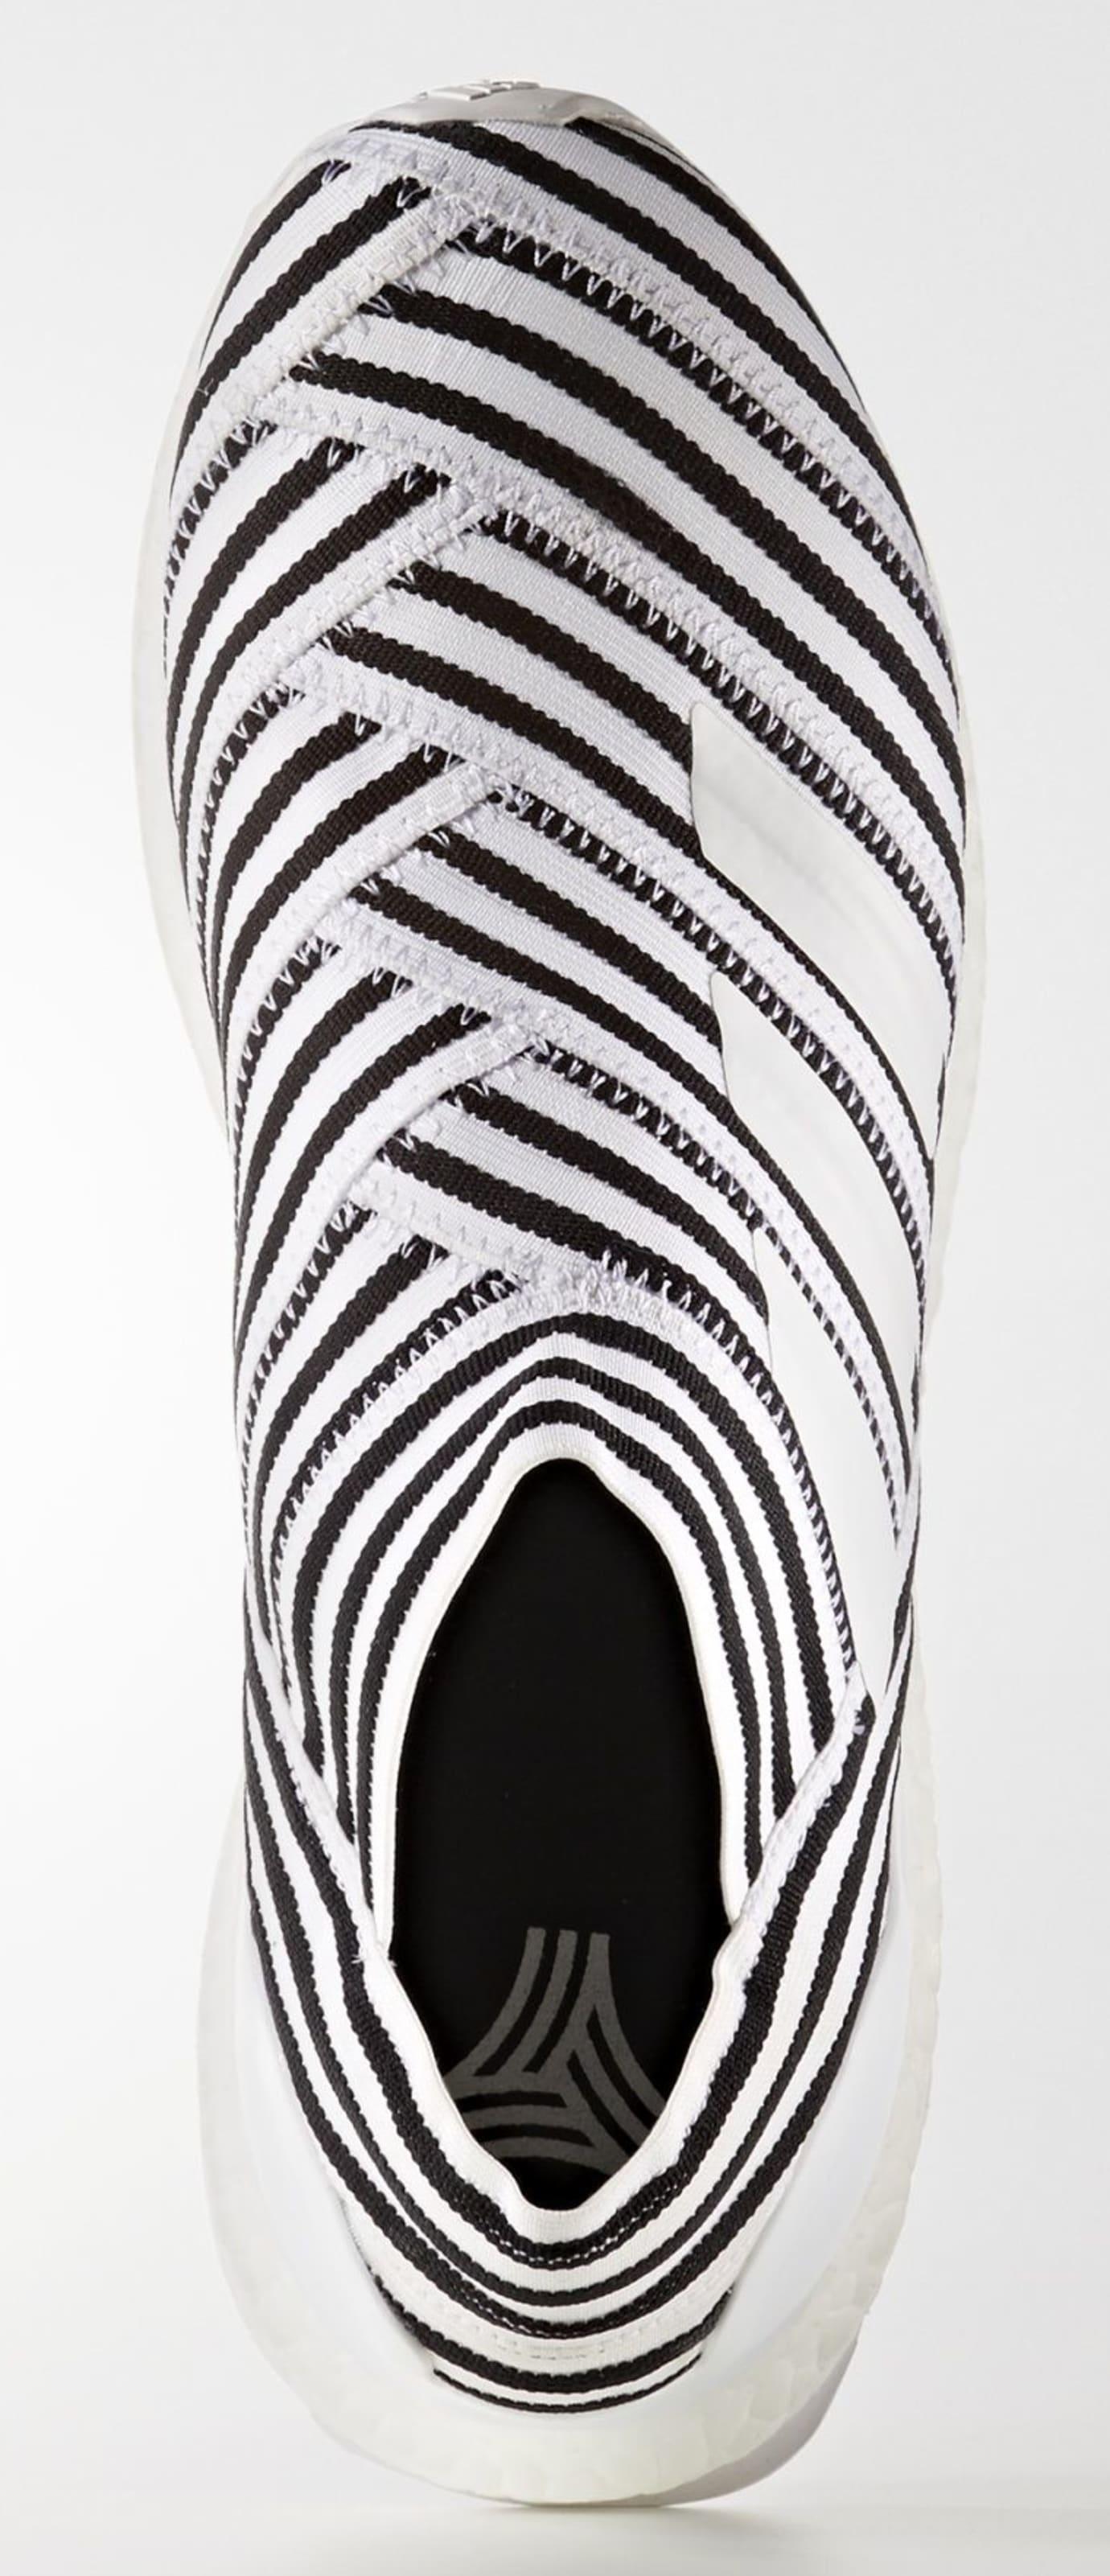 Adidas Nemeziz Tango 17+ 360 Agility 'Running White/Running White/Core Black' CG3656 (Top)